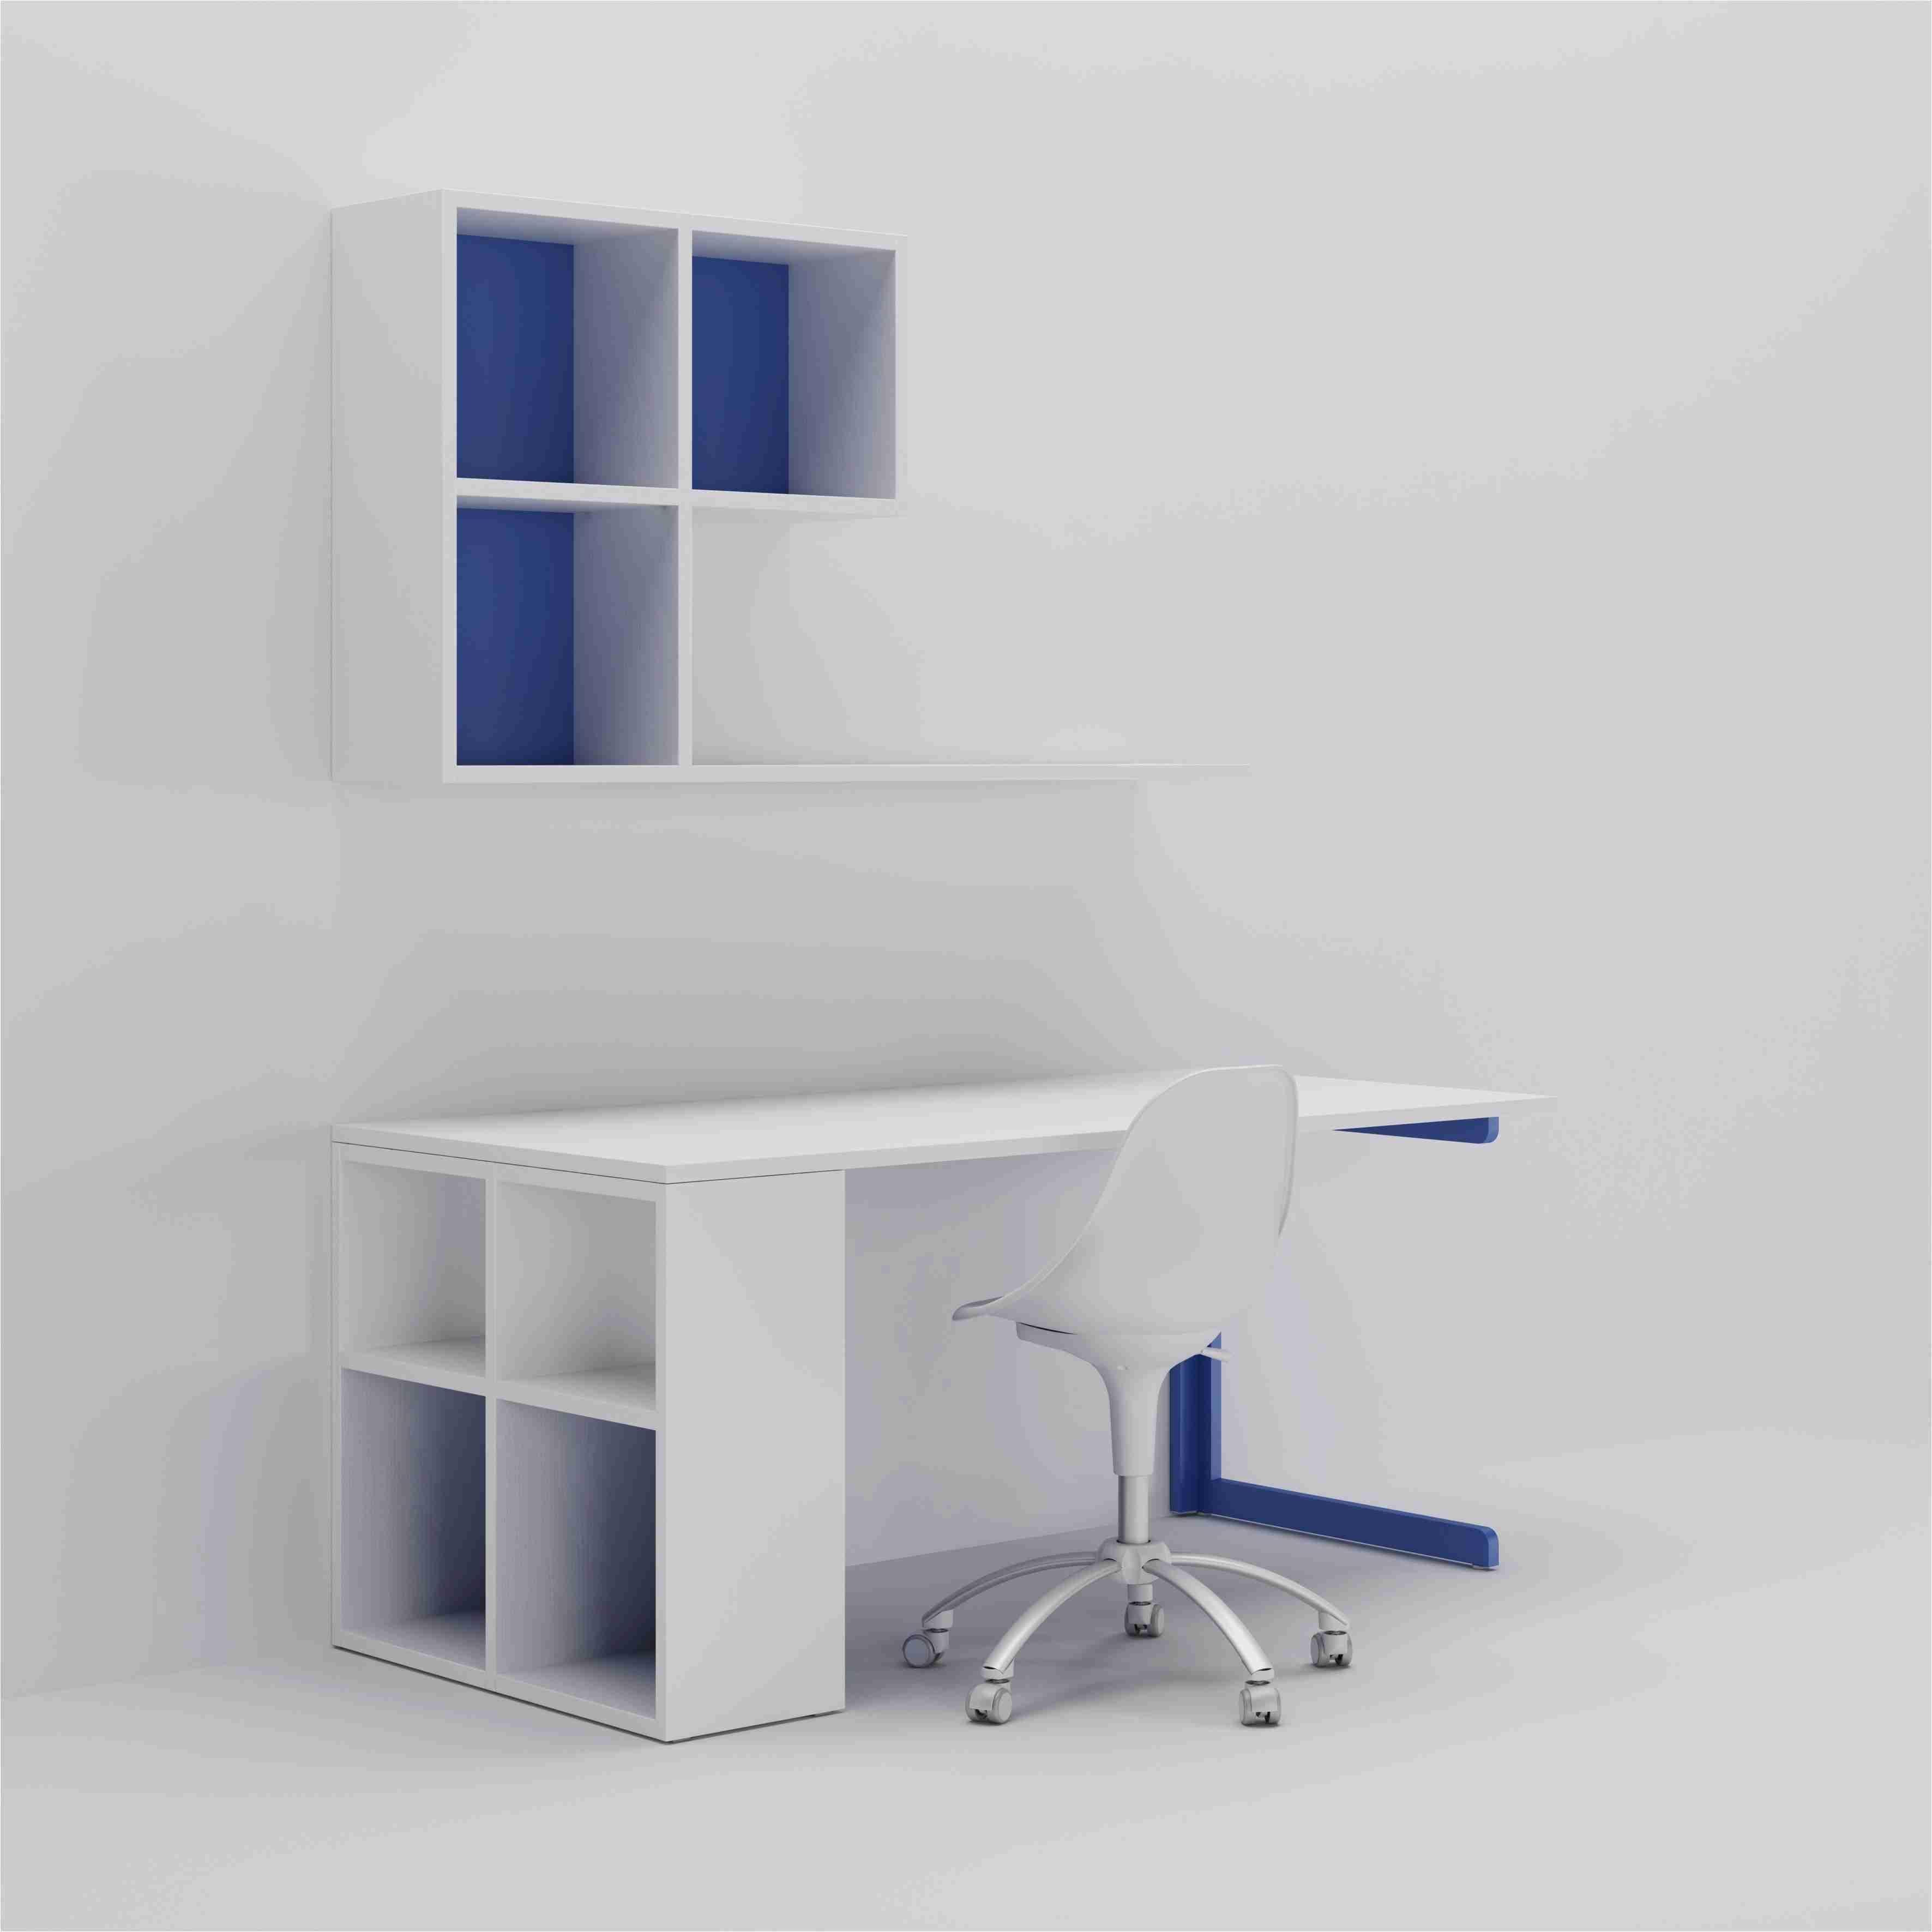 Lit Fille Avec Rangement Le Luxe Décoratif Ikea Rangement Chambre Enfant Dans Magnifique Bureau Fille